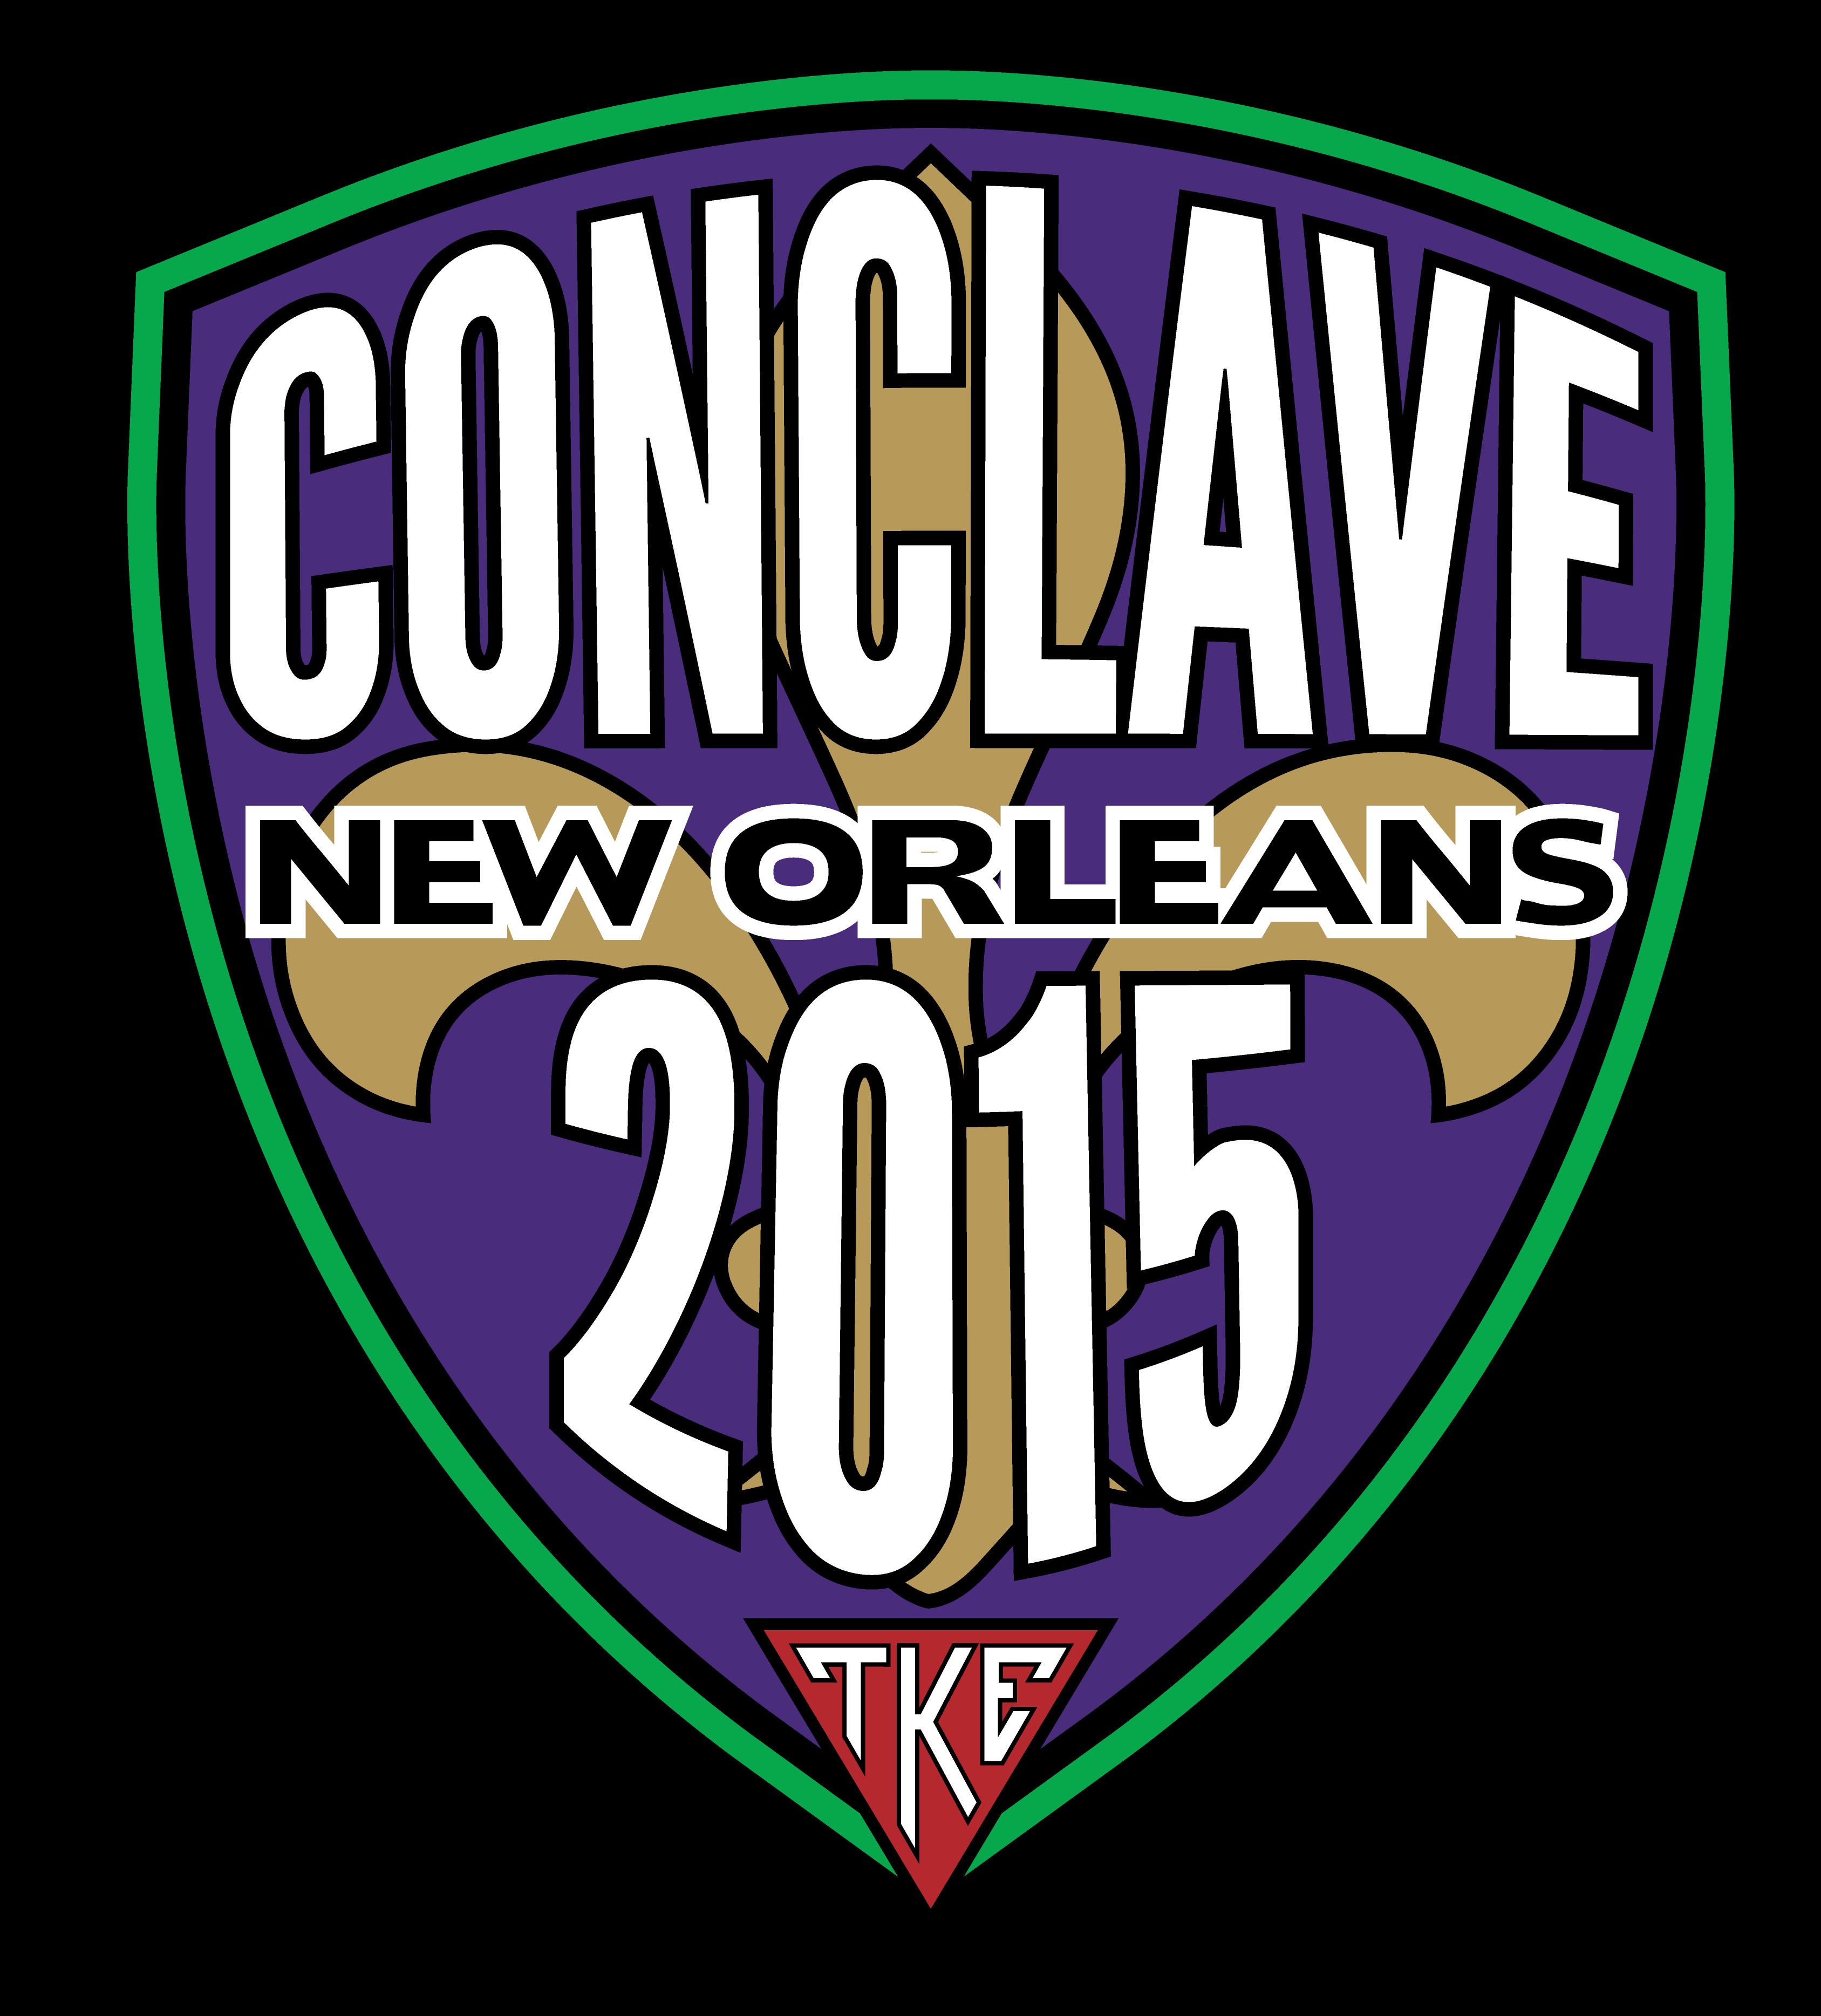 Conclave 2015